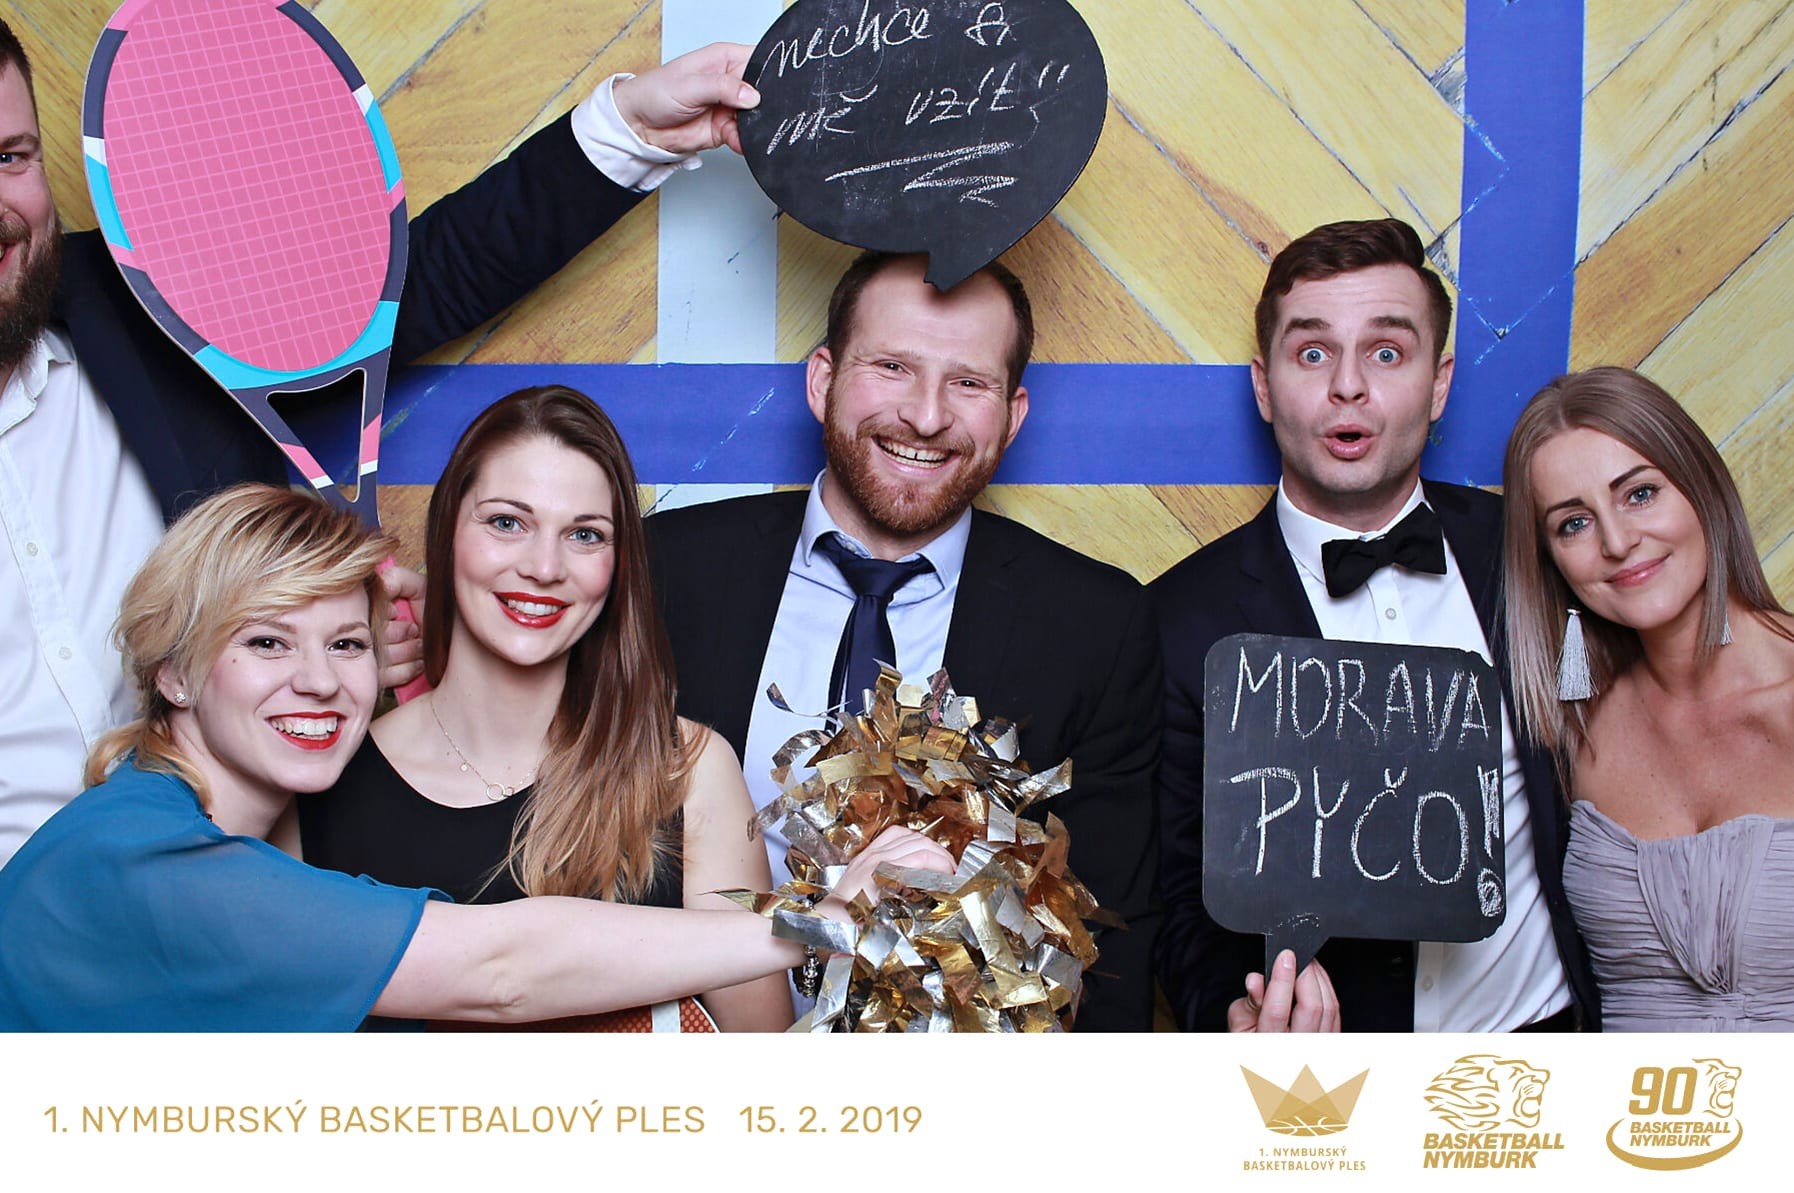 fotokoutek-jihlava-ples-1-nymbursky-basketbalovy-ples-15-2-2019-580672